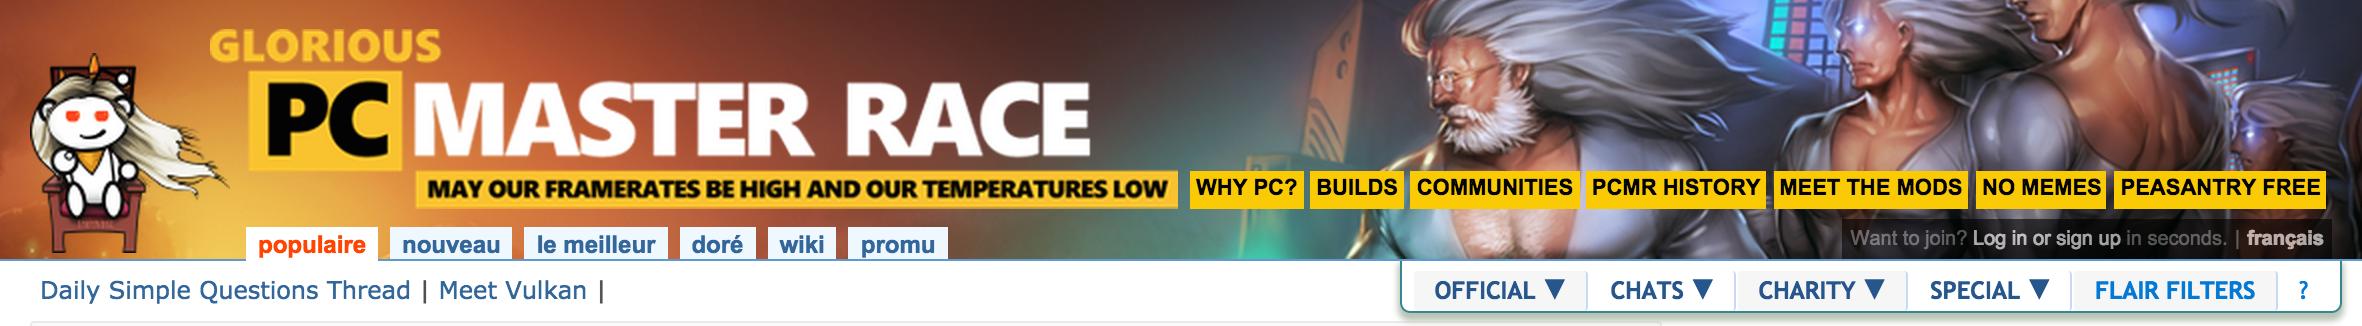 Bannière de /r/PCMasterRace sur Reddit